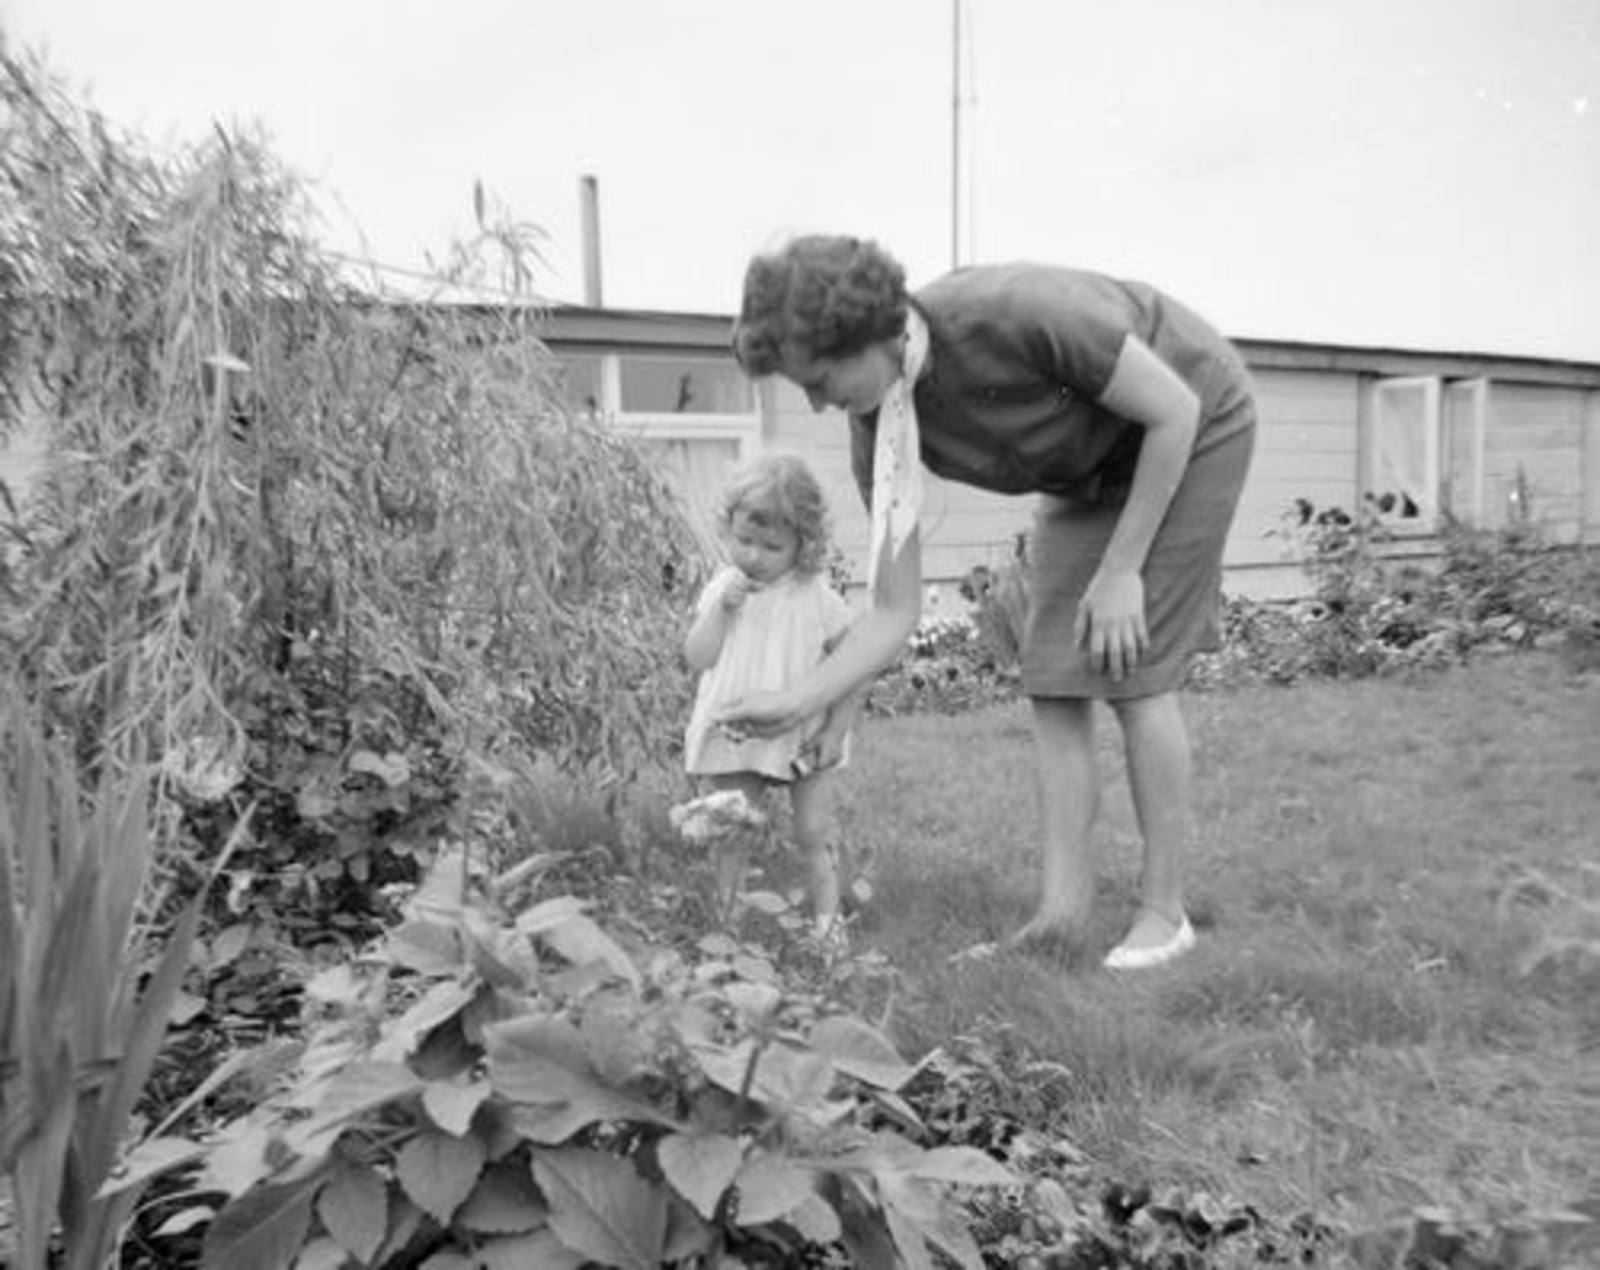 Koeckhoven Jo 1933 1948-61 in Tuin met dochter Mirjam_Neg